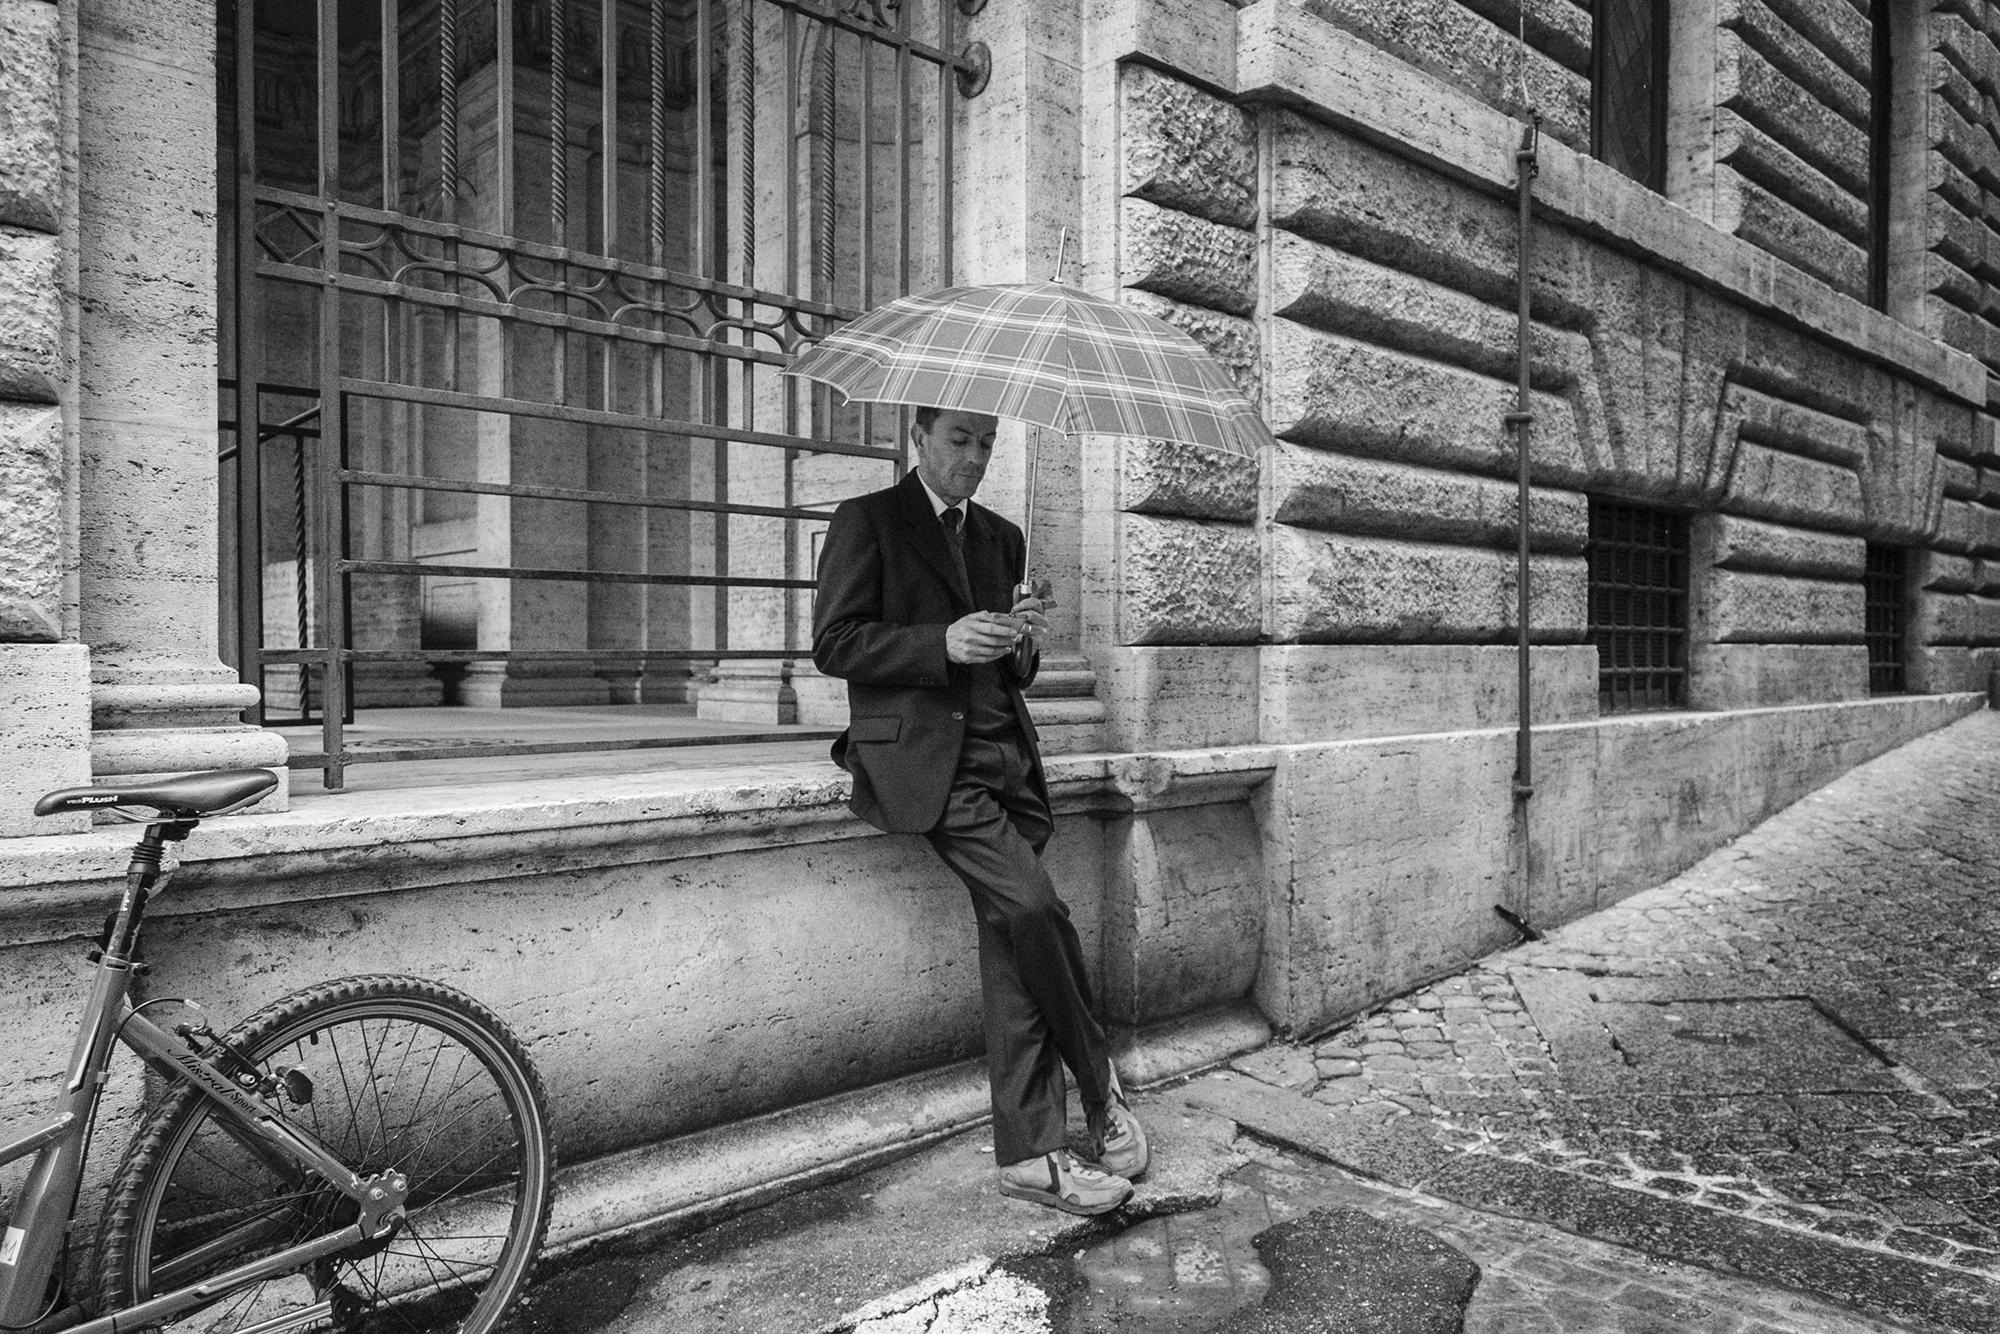 A man under the umbrella.